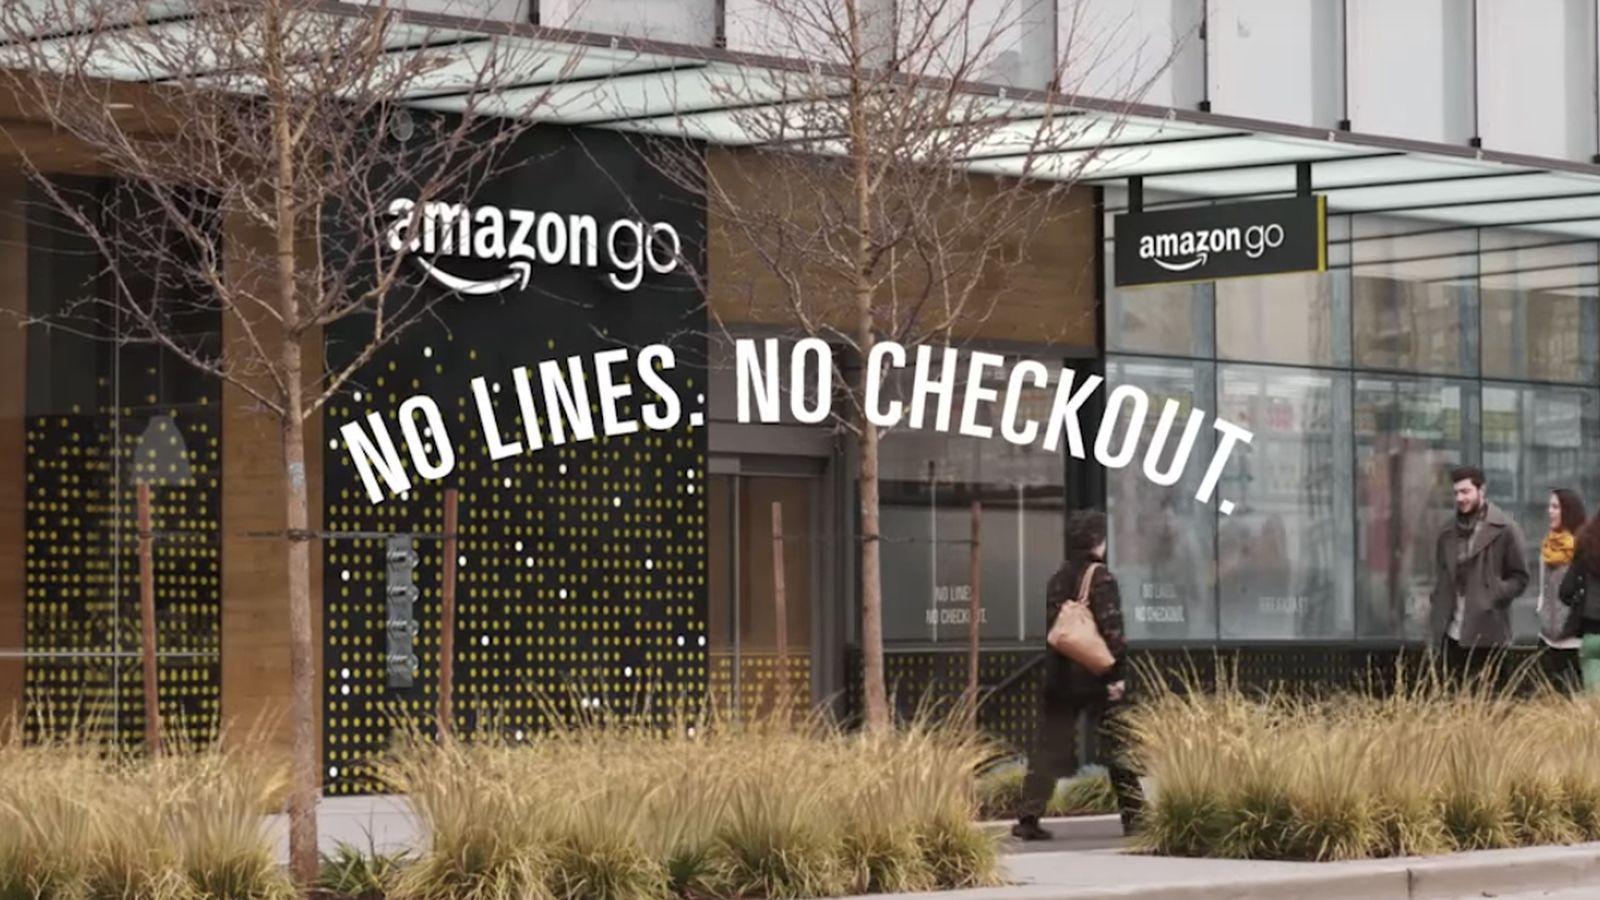 Amazon Go 4